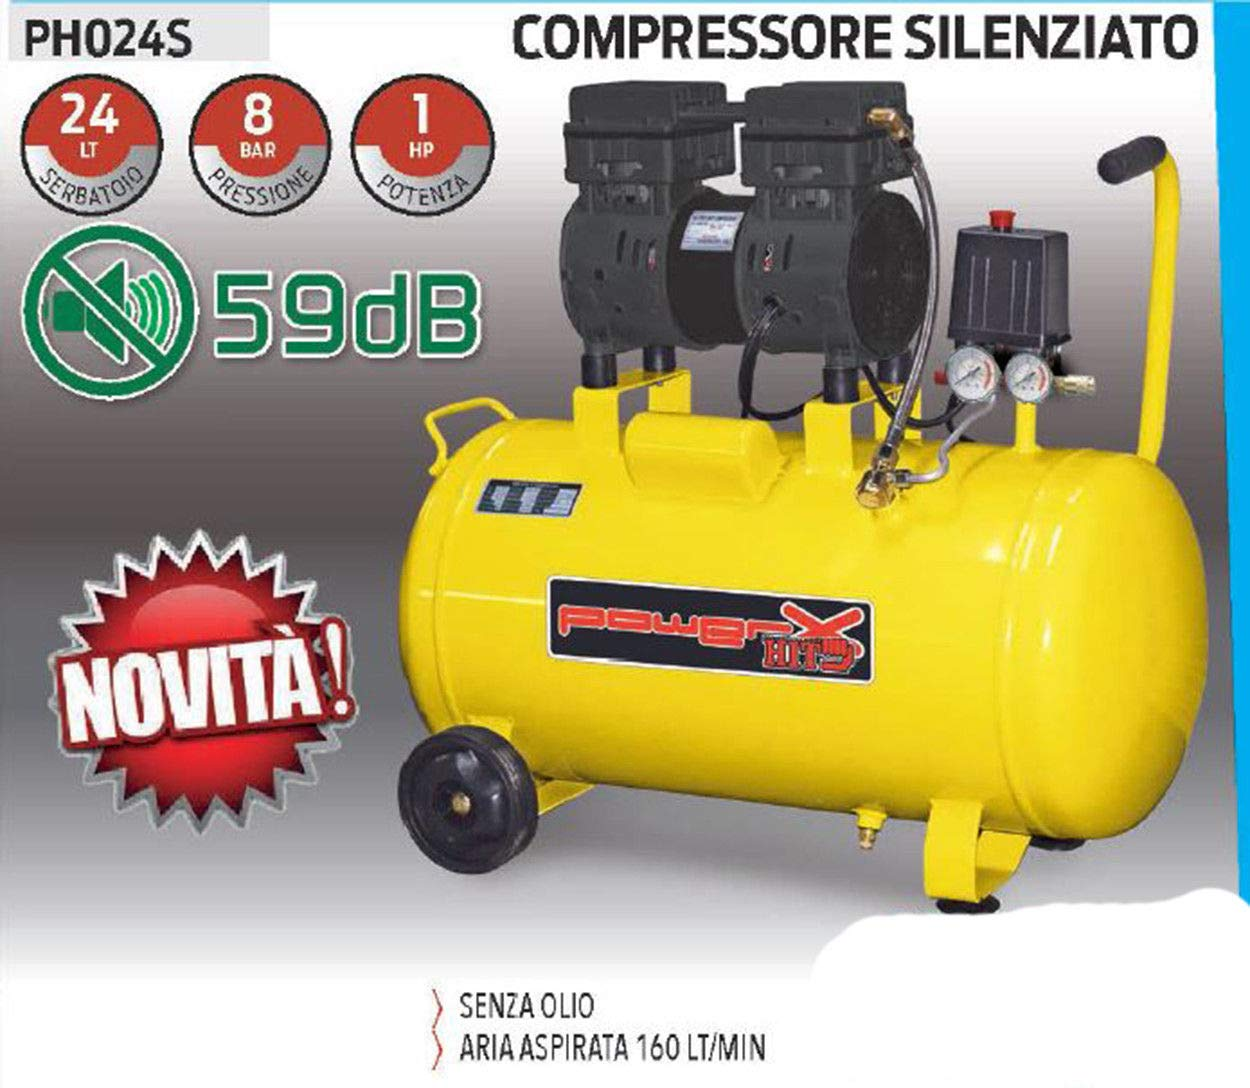 COMPRESSORE 24 25 LT SILENZIATO A SECCO ITALY 8 BAR 1 HP 2 ITALY MANOMETRI 160L//M PISTONI TEFLON SENZA OLIO